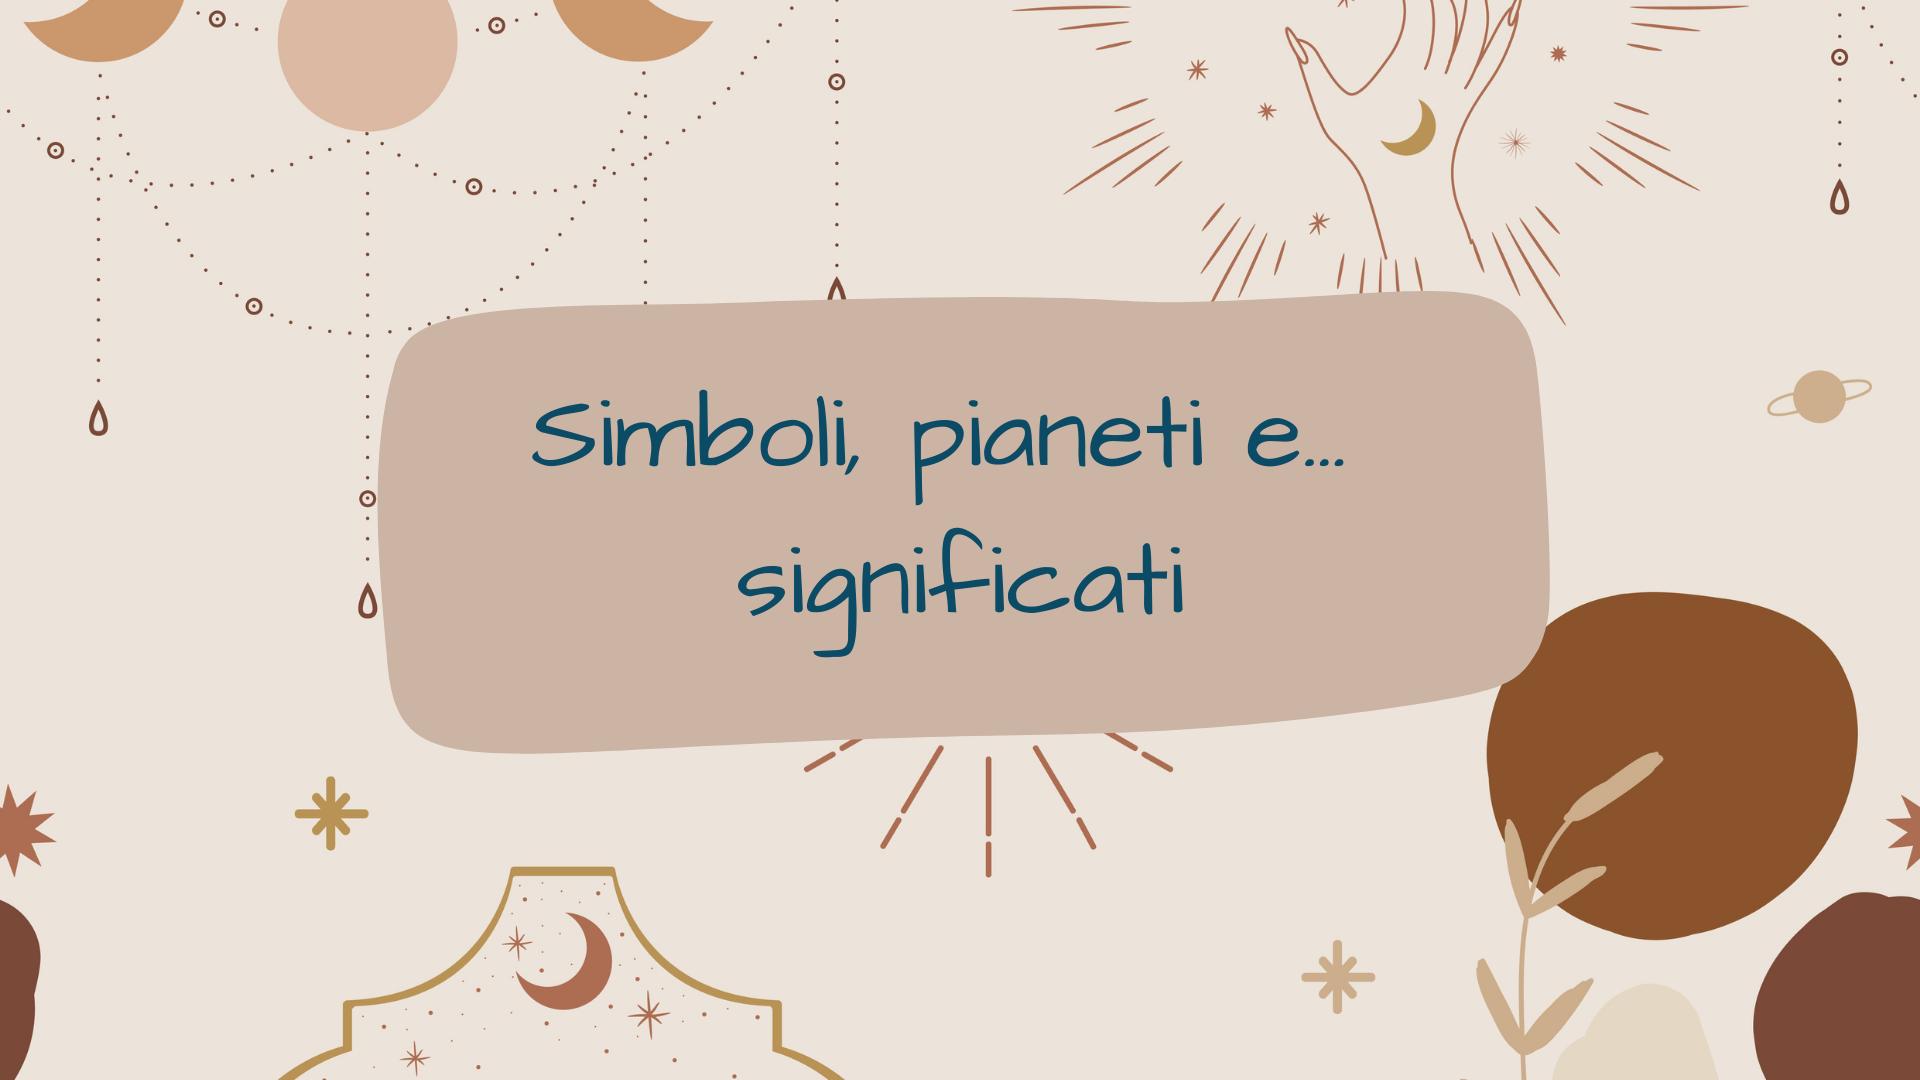 Simboli, pianeti significati